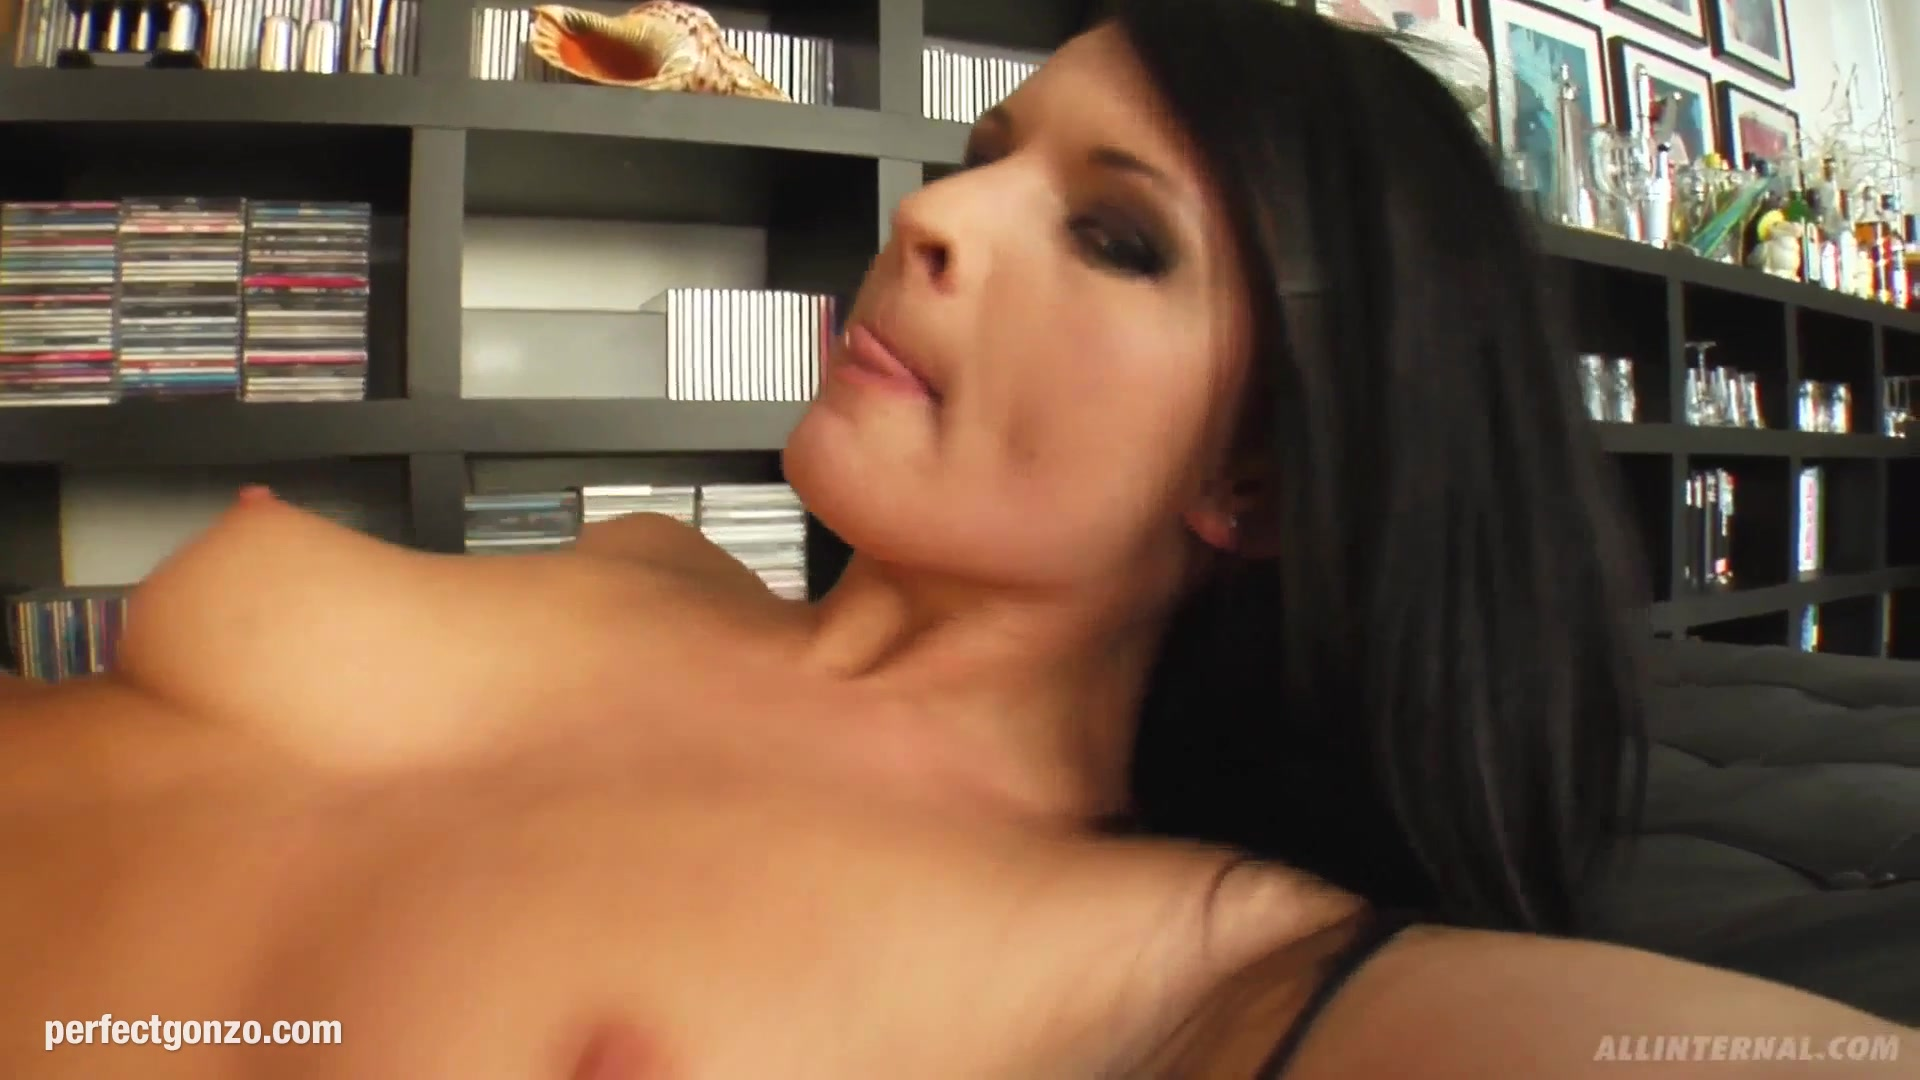 Great clips spanish fork ut Porn Base